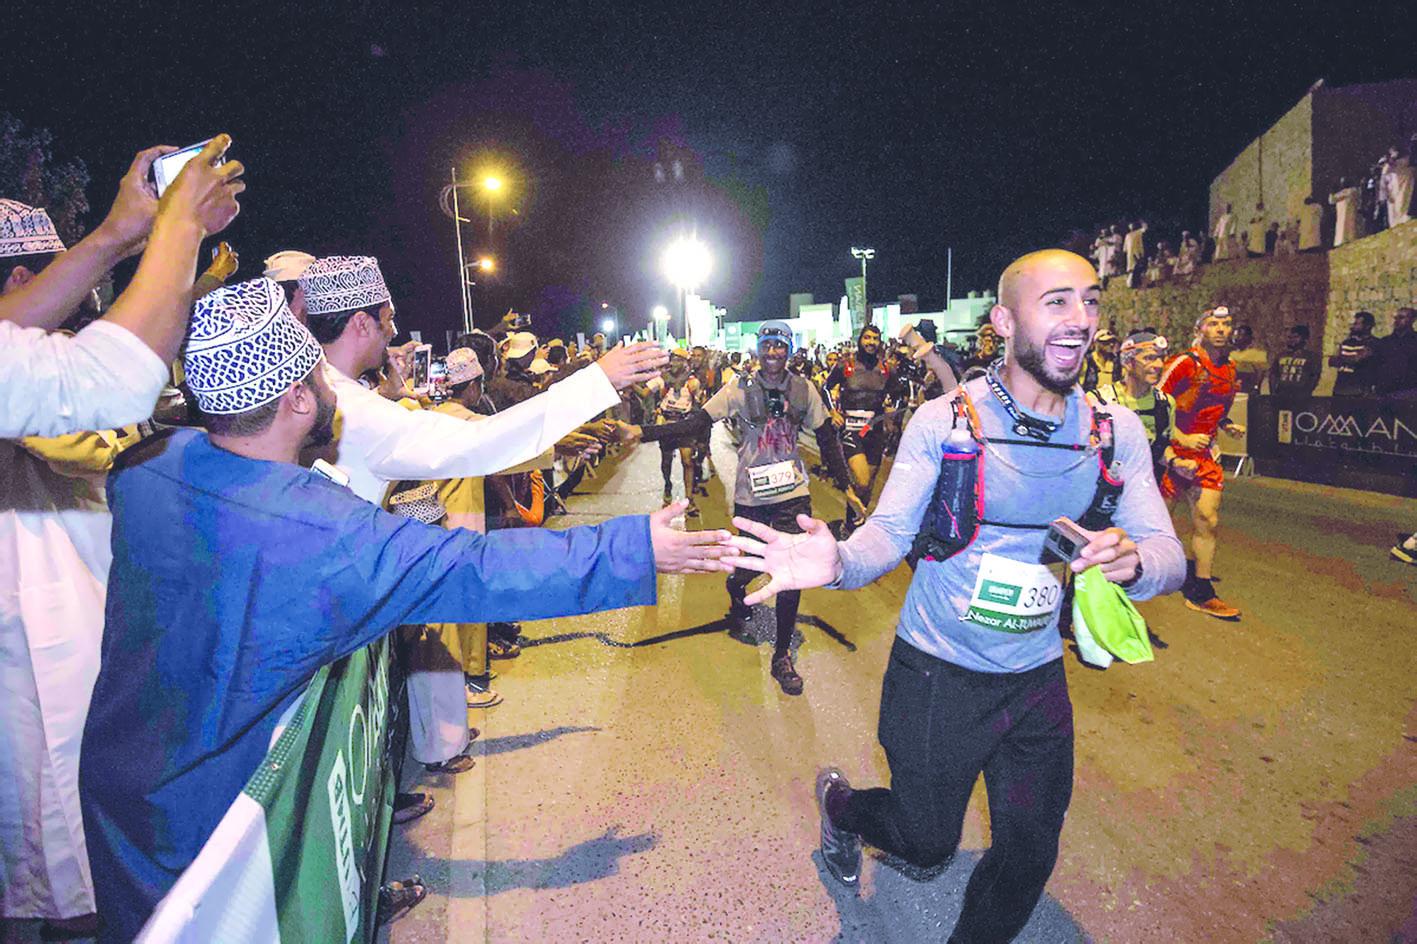 166 كيلومتراً مسافة تحدّي الجري الجبلي العالمي 2019